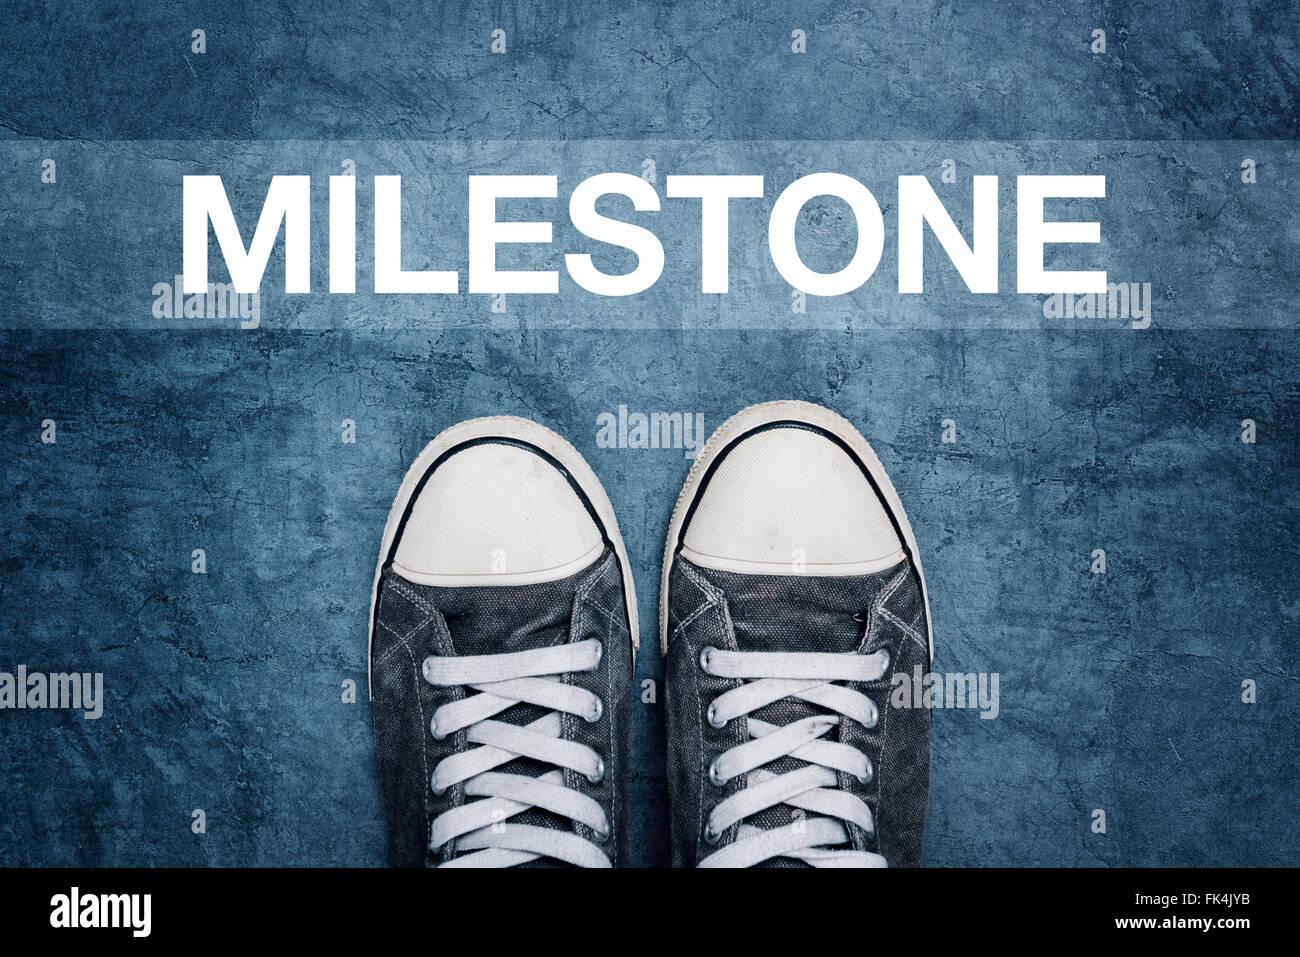 Joven parado en la calle, hito que marca el camino, concepto de logro sin precedentes Imagen De Stock